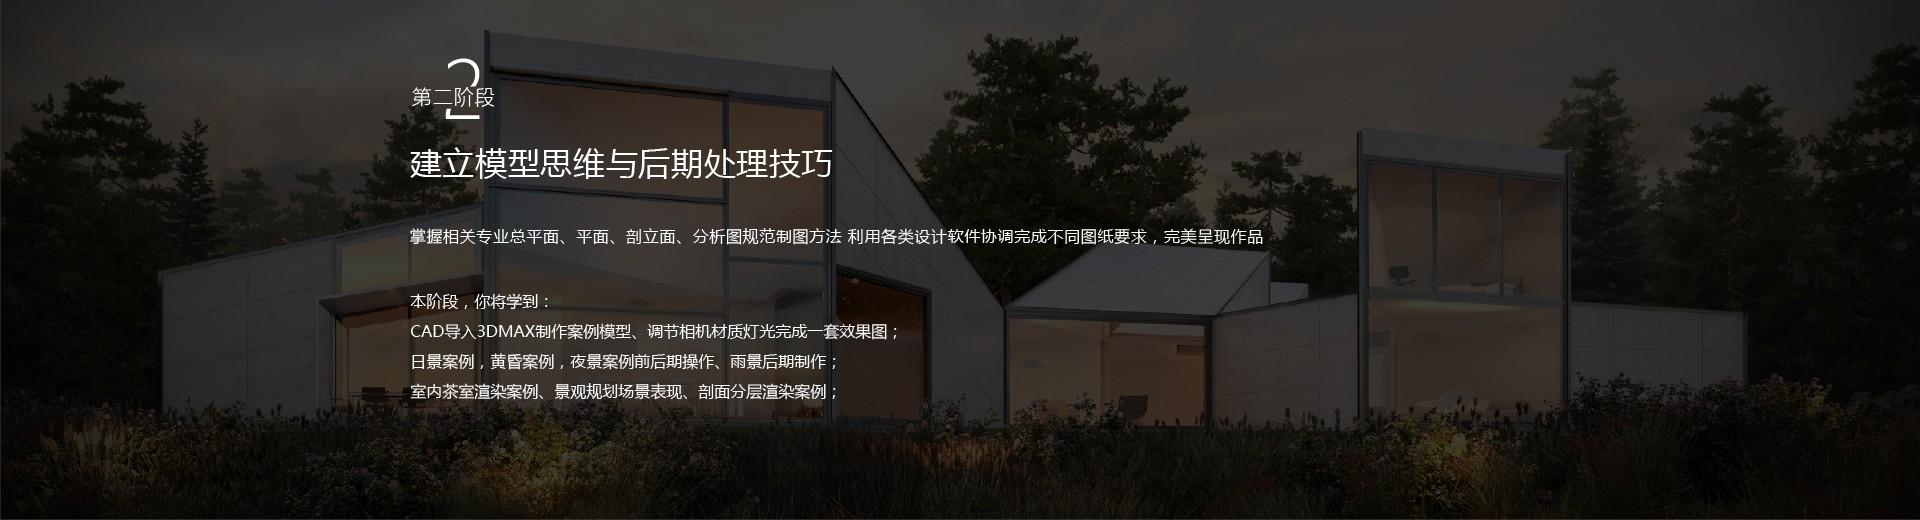 05.全科班课程内页_03.jpg